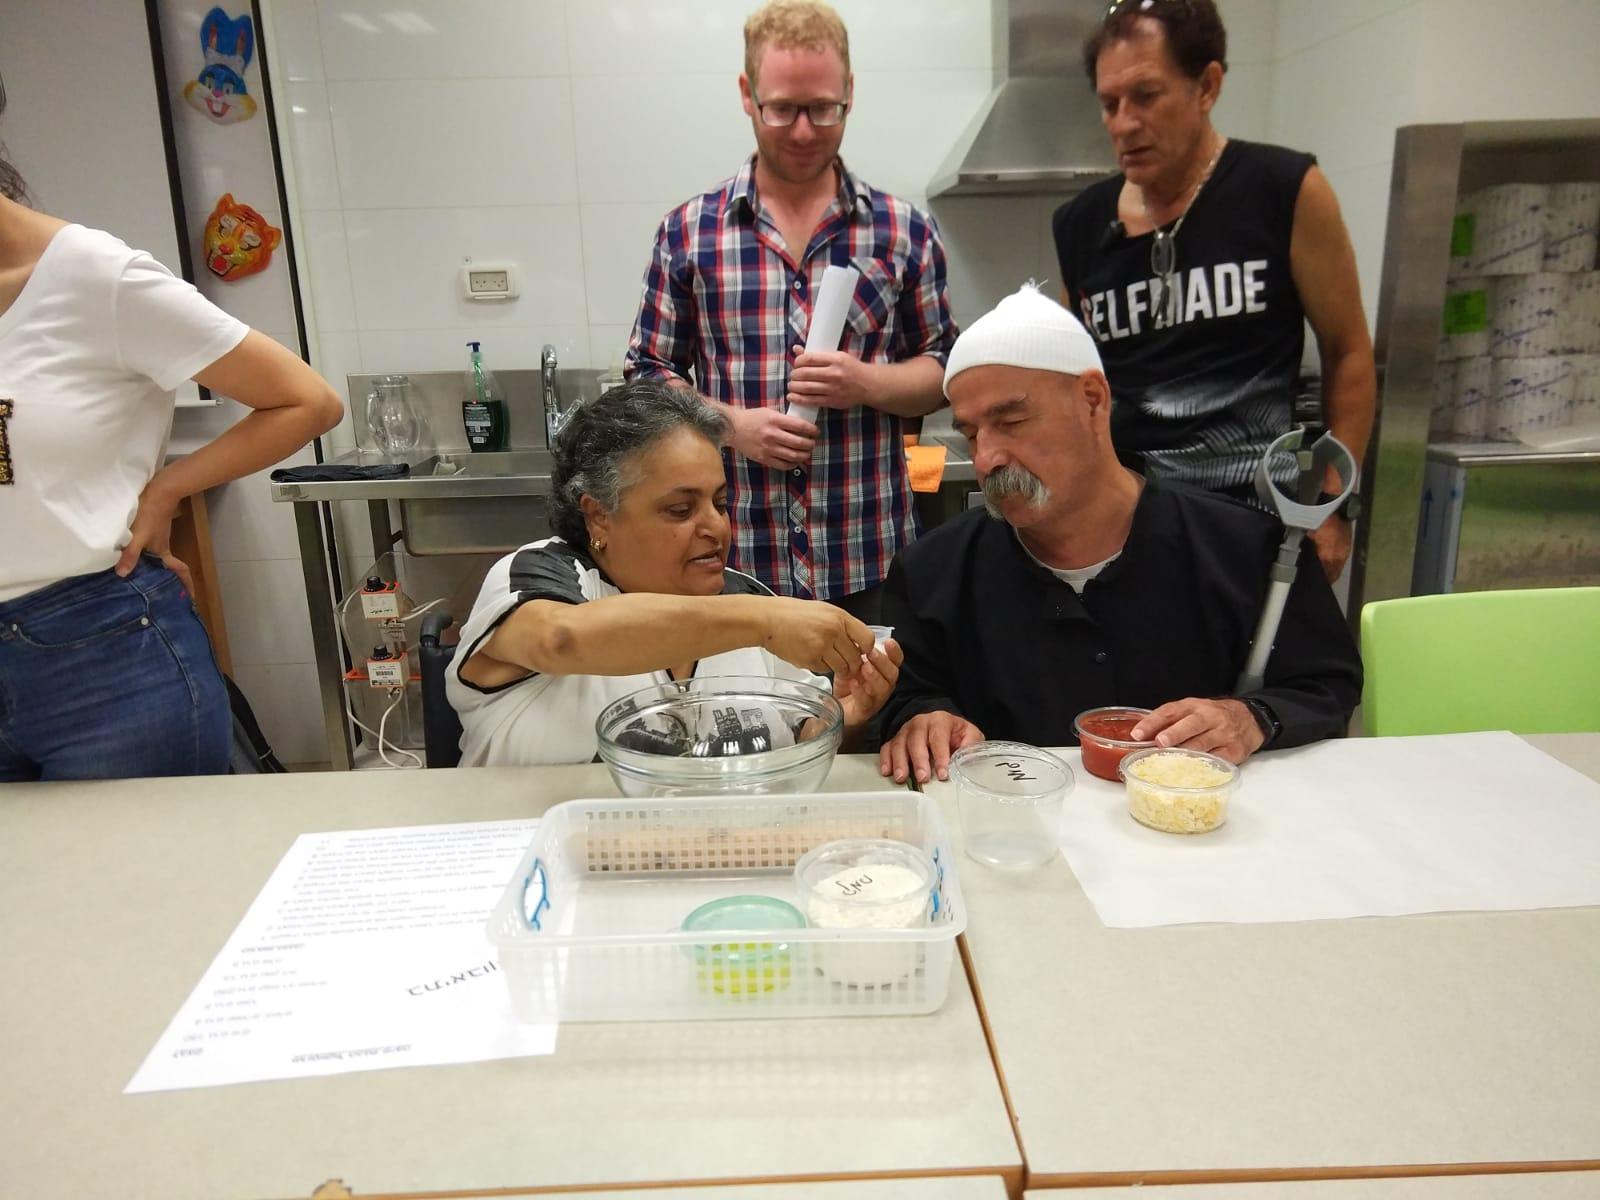 מטבח נגיש לאנשים עיוורים ולקויי ראיה